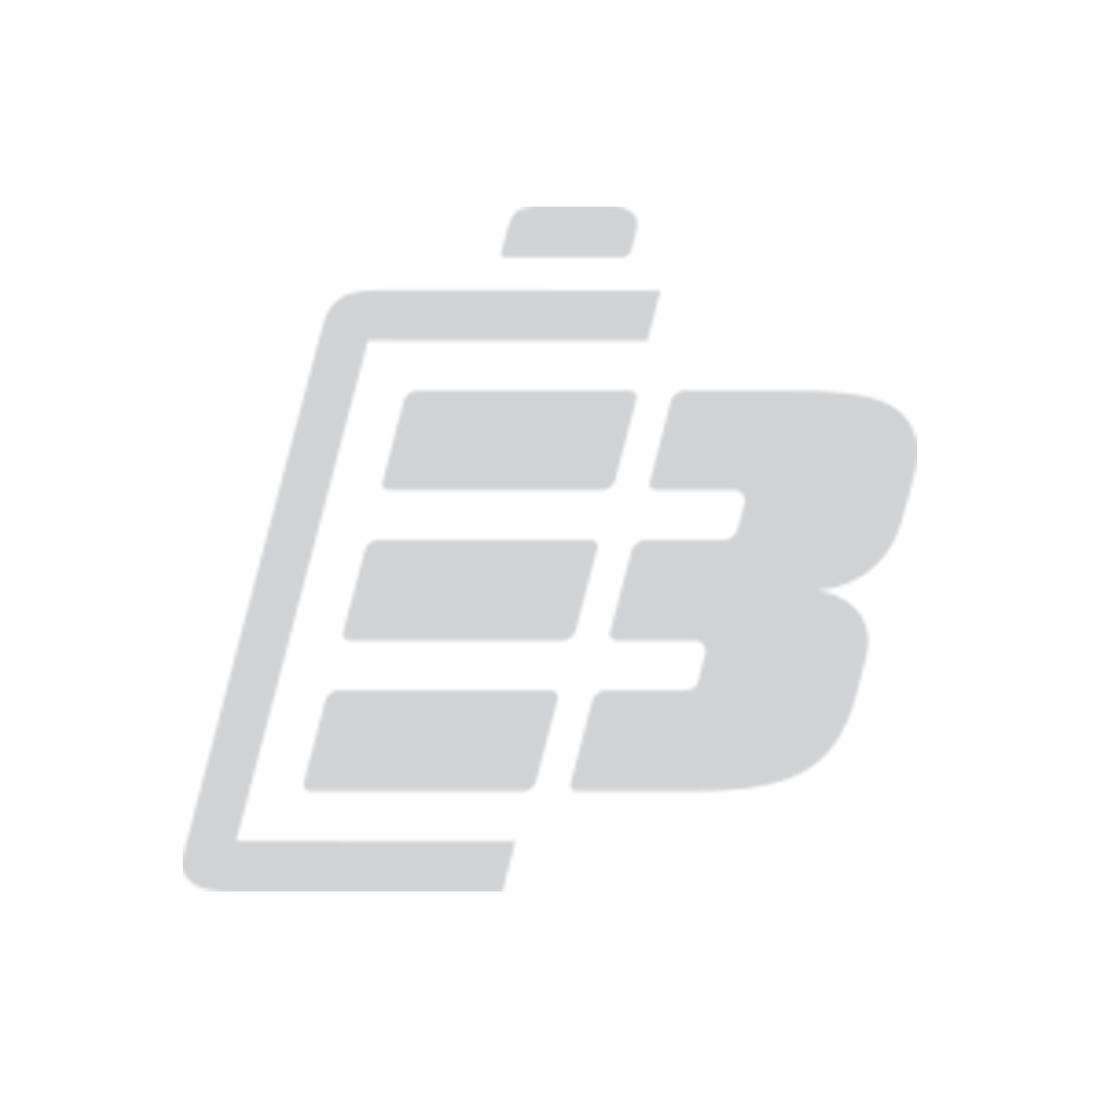 Μπαταρία GPS Mitac Mio Moov 200_1